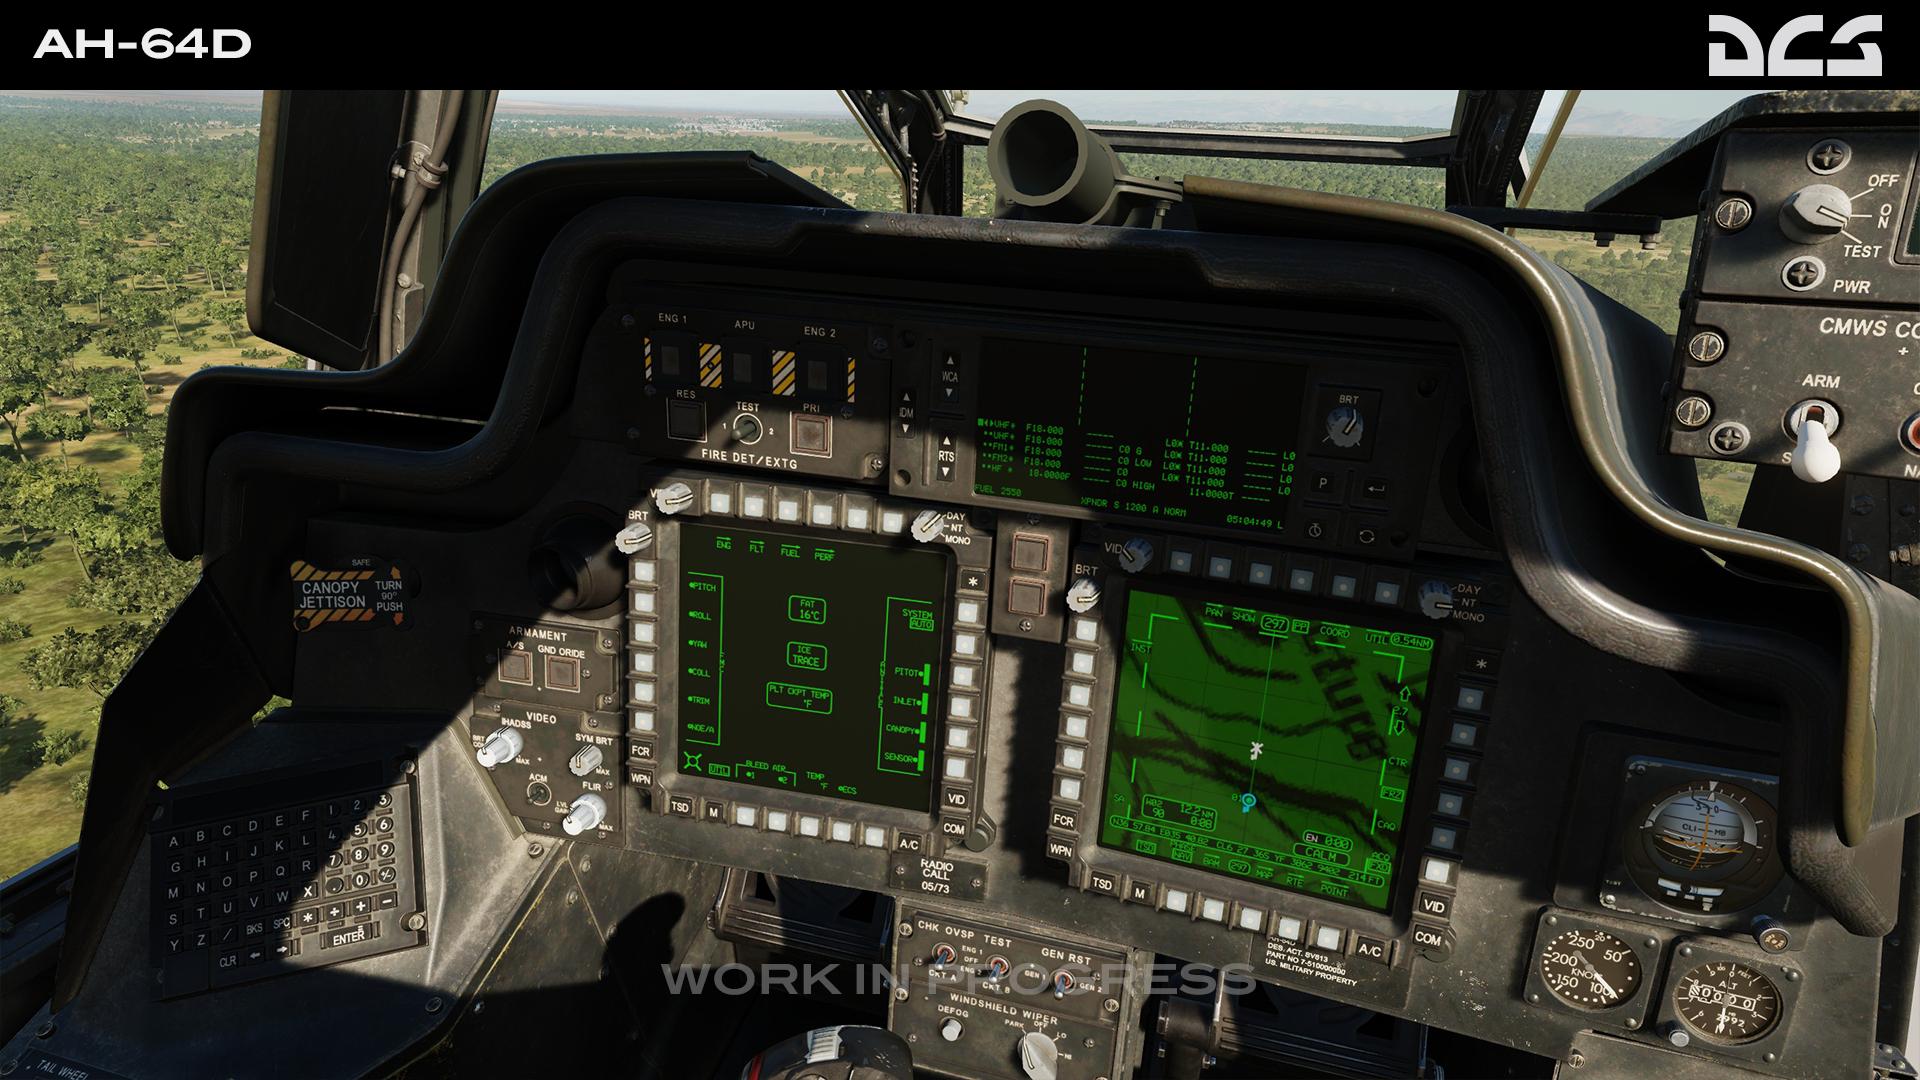 dcs-world-flight-simulator-ah-64d-01.png